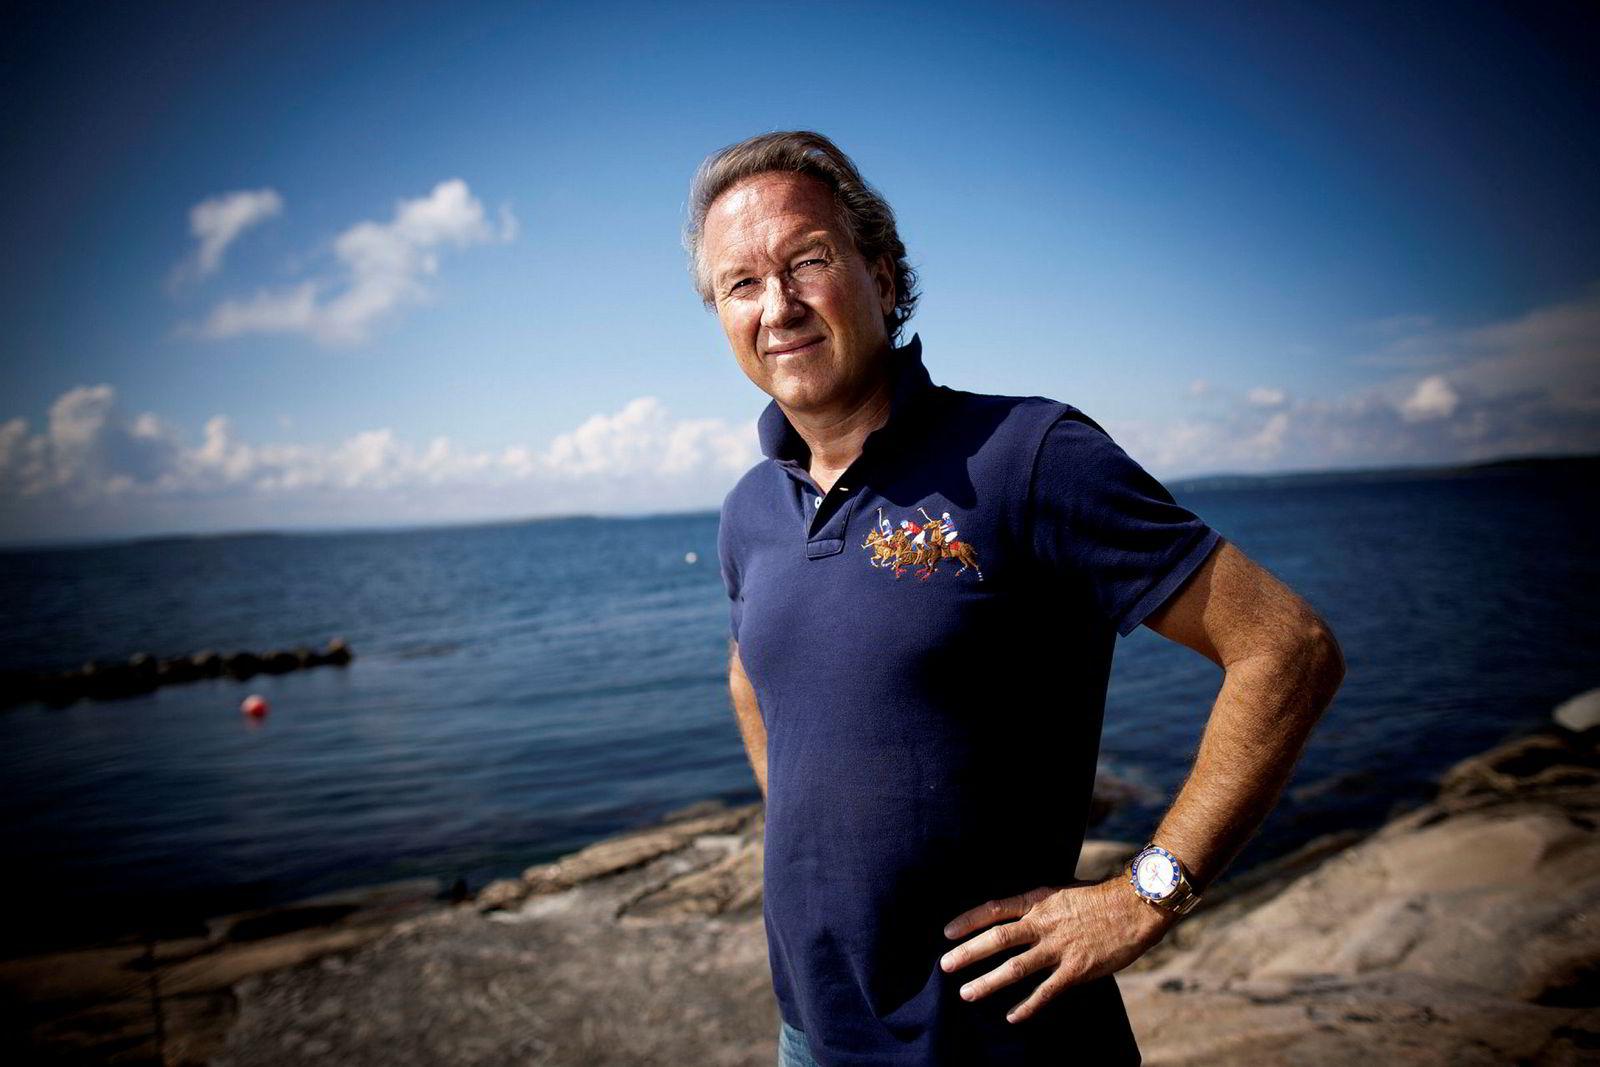 Eiendoms- og aksjeinvestoren Haakon Sæter fra Fredrikstad økte formuen med 36,6 millioner kroner i 2017 til 157,3 millioner kroner.